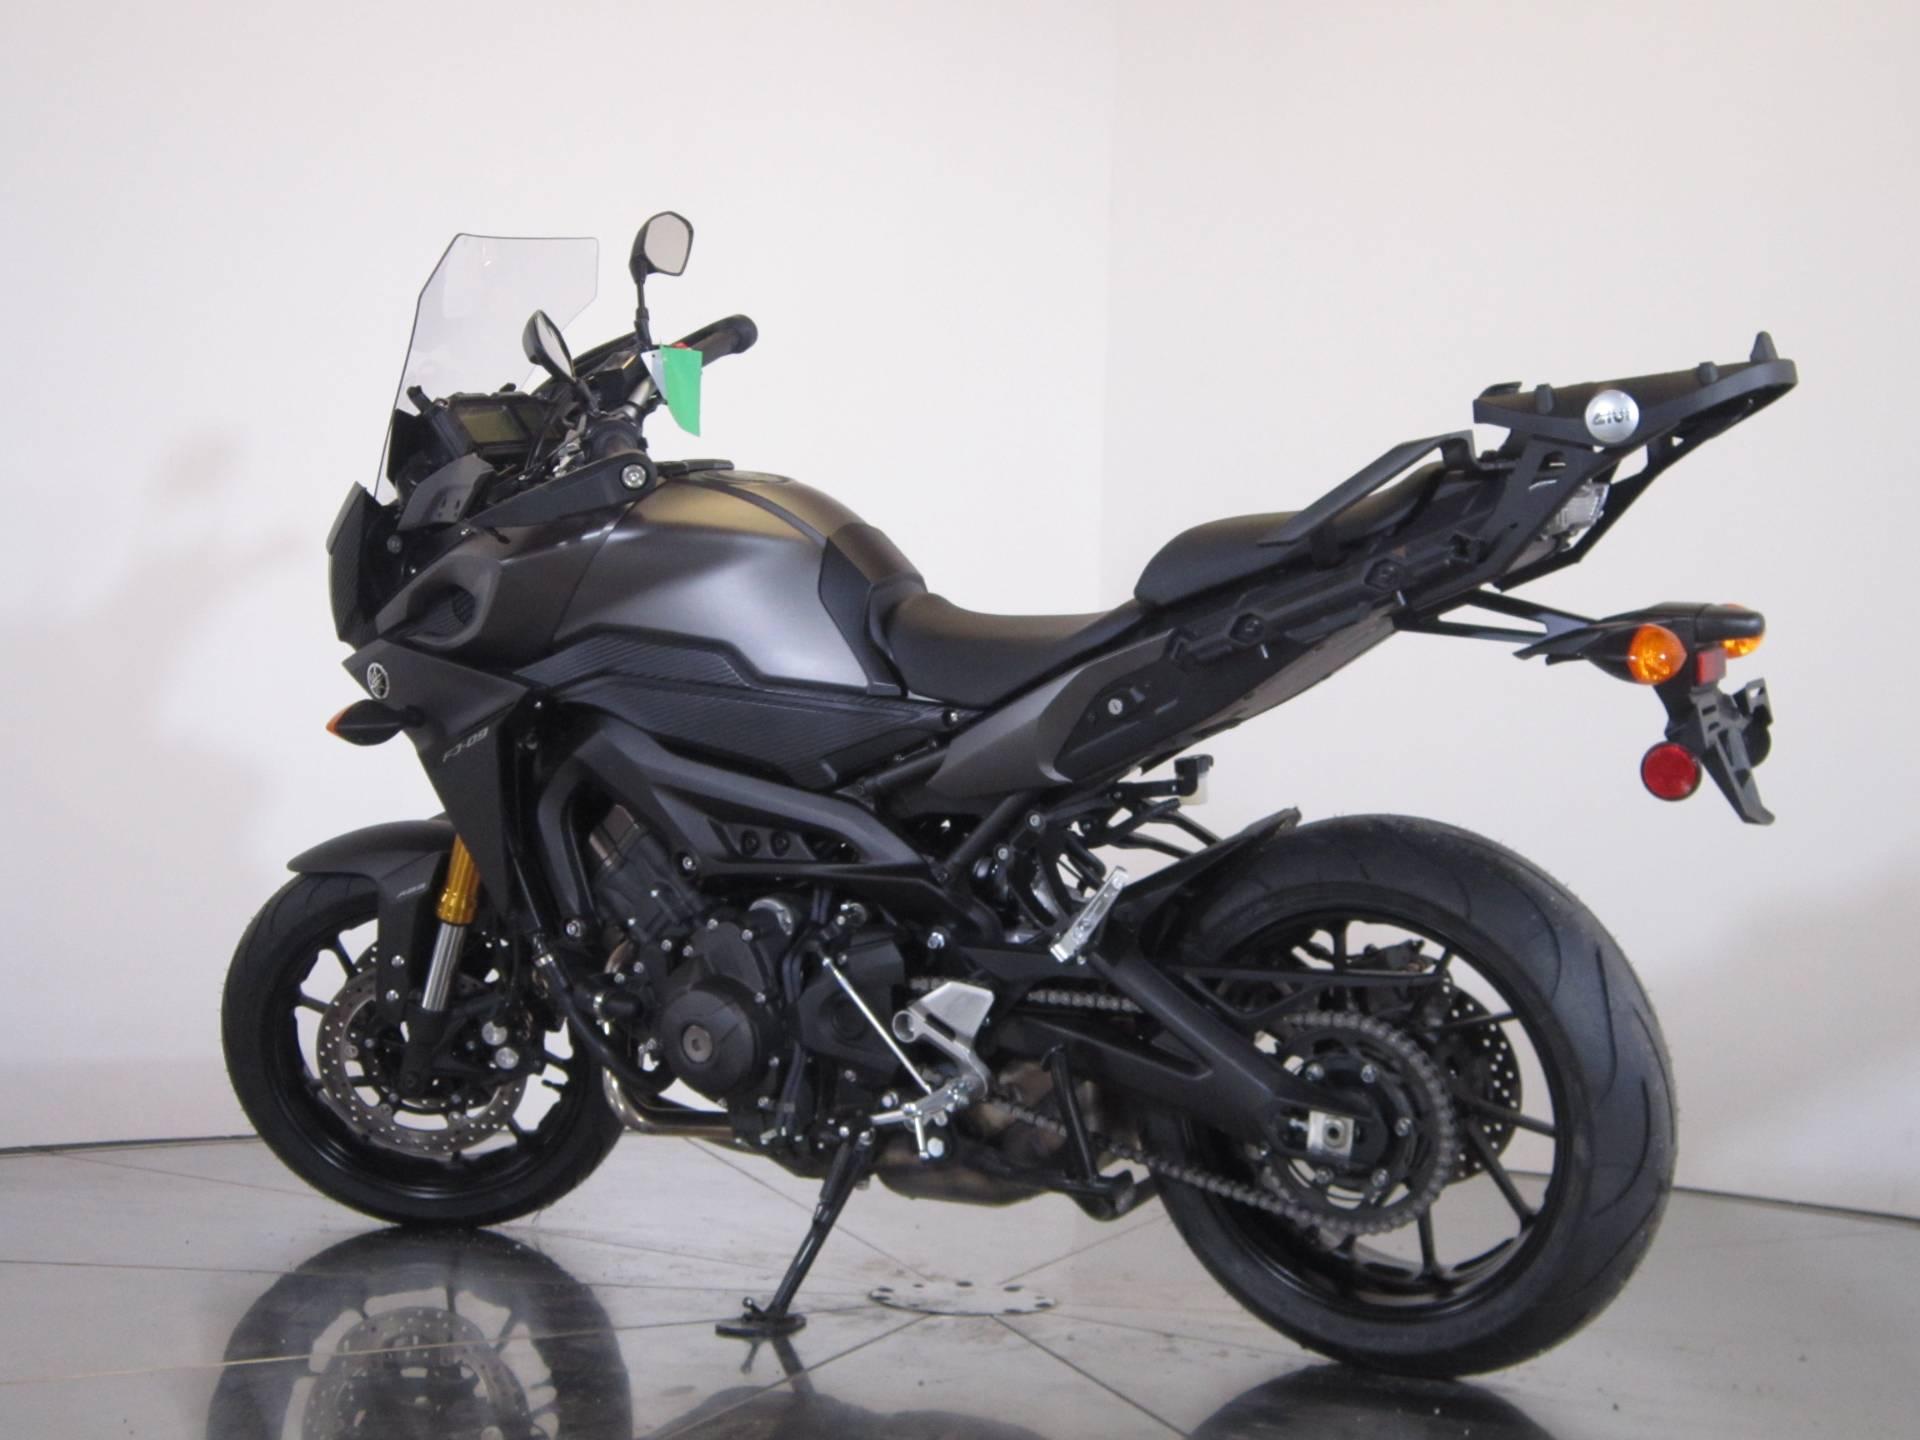 2015 Yamaha FJ-09 6